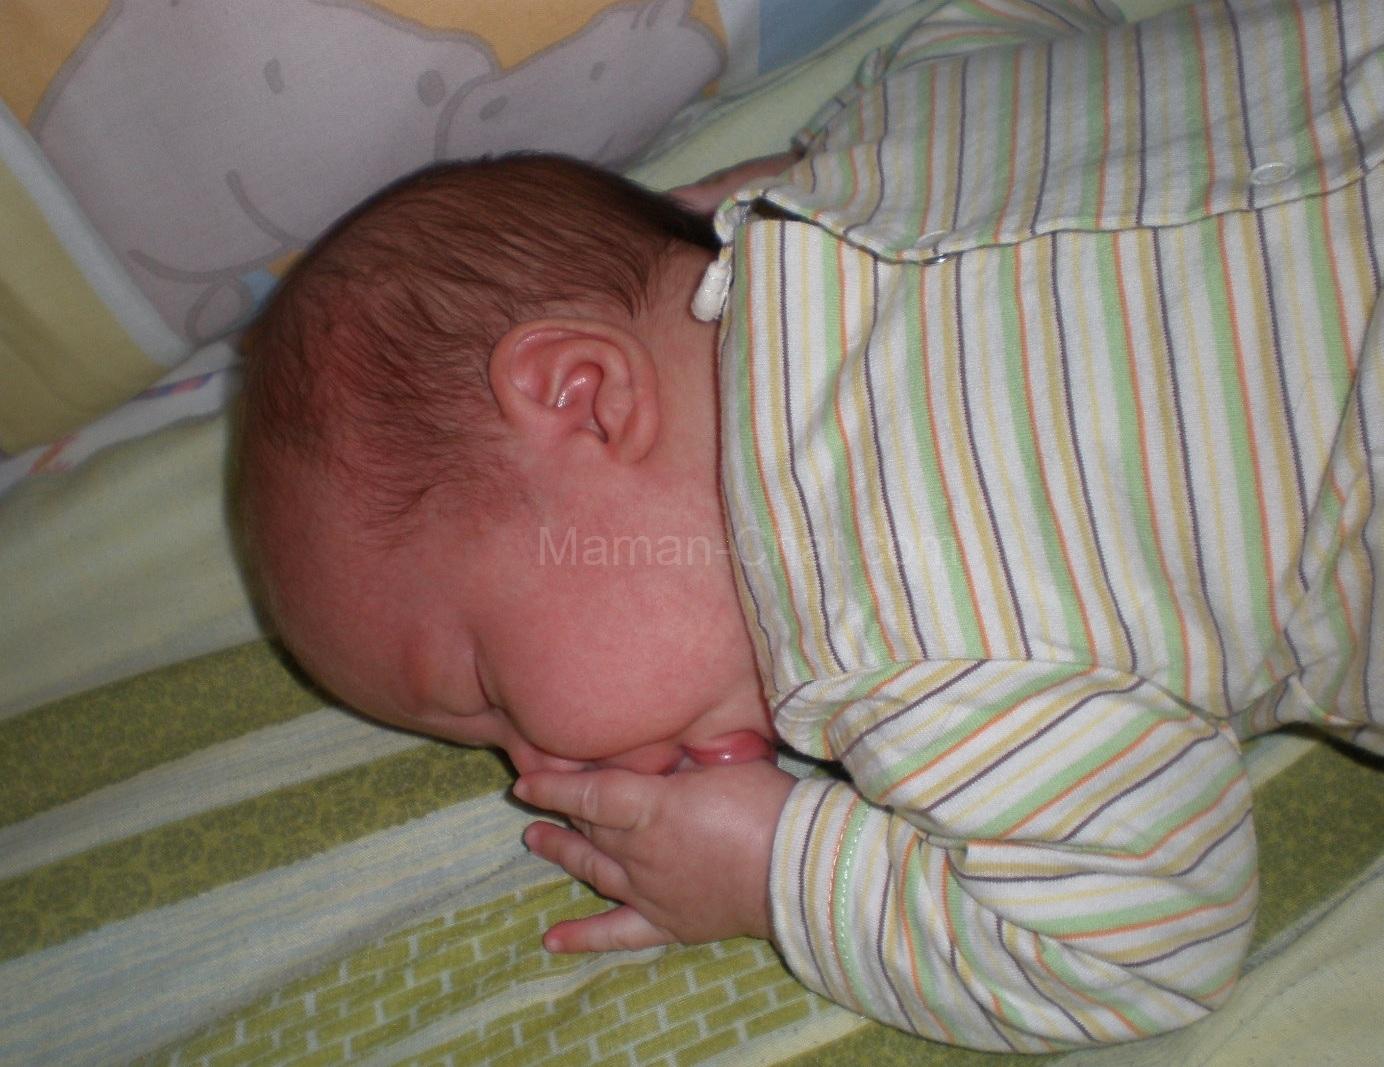 Mon Chat Dort Sur Mes Pieds la culpabilité de faire dormir son bébé sur le ventre